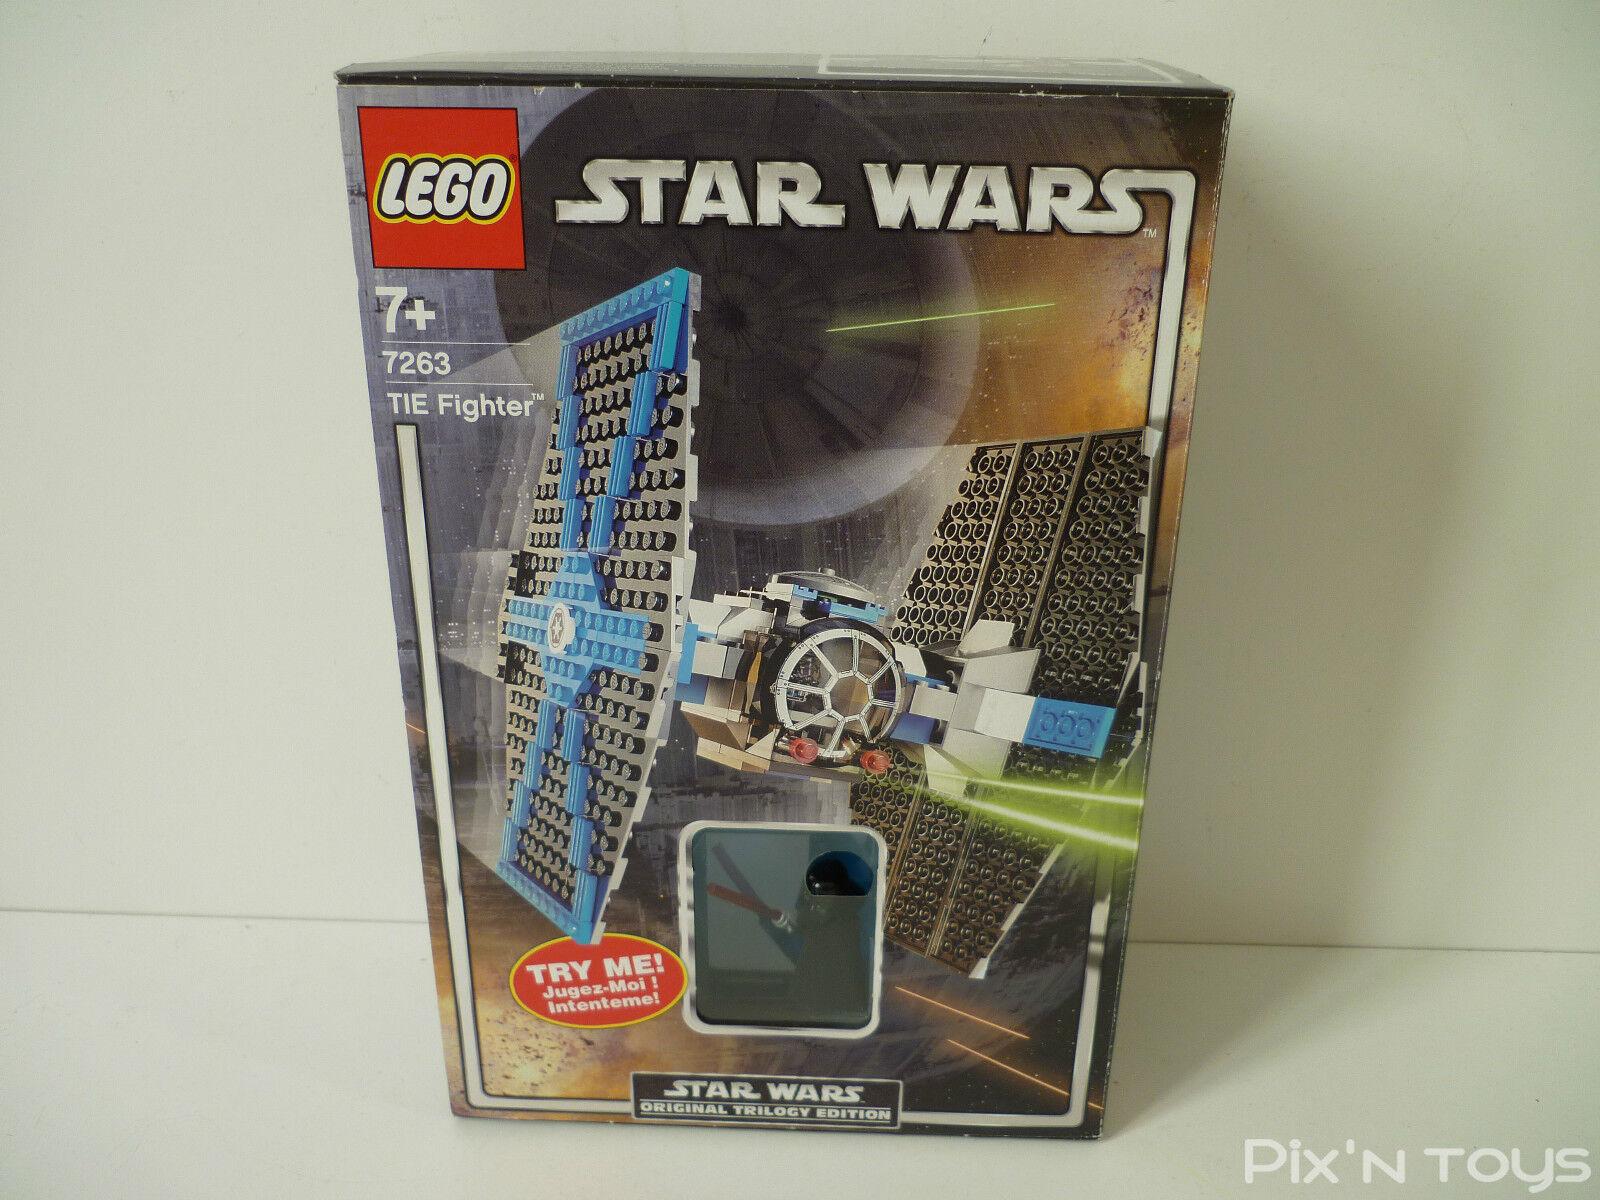 LEGO STAR WARS   7263 Tie Fighter Darth Vader's Light Up